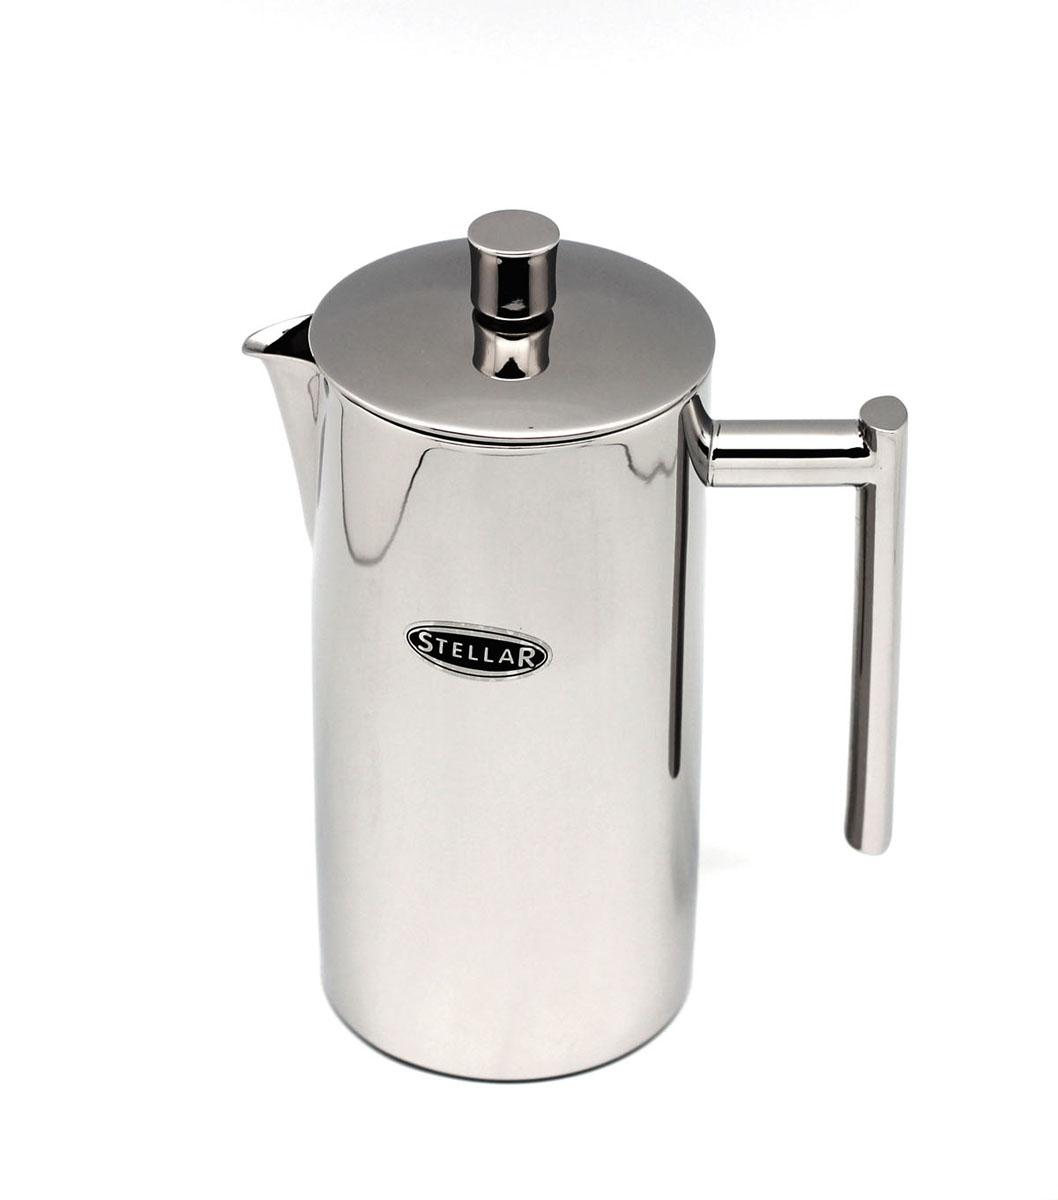 Френч-пресс Silampos Stellar, цвет: металл, 0,8 л. 41281318SM7141281318SM71Френч-пресс Silampos Stellar используется для заваривания крупнолистового чая, кофе среднего помола, травяных сборов. Изделие, изготовленное из высококачественной стали. Френч-пресс Silampos Stellar незаменим для любителей чая и кофе.Объем: 0,8 мл.Размеры: 13 х 12 х 22,5 см.